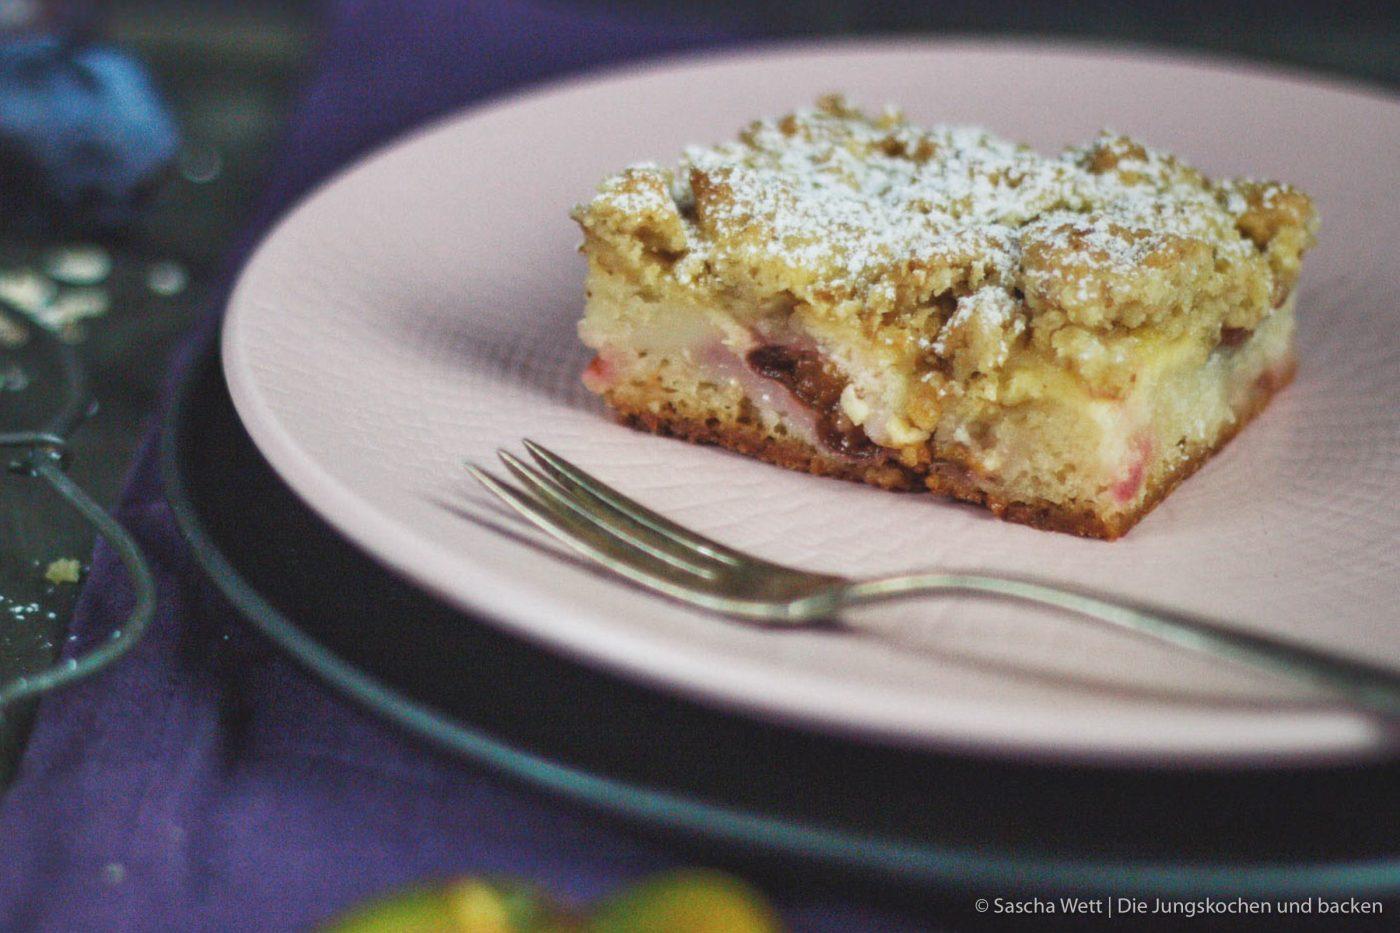 Zwetschgen Cheesecake Crumble 6   Vielleicht erinnert ihr euch noch an dieses leckere Rezept und wir wissen, dass dieser Crumble-Cheesecake mit Zwetschgen schon von einigen von euch nach gebacken wurde. Warum wir euch dieses Rezept heute noch einmal vorstellen? Das ist eine berechtigte Frage.